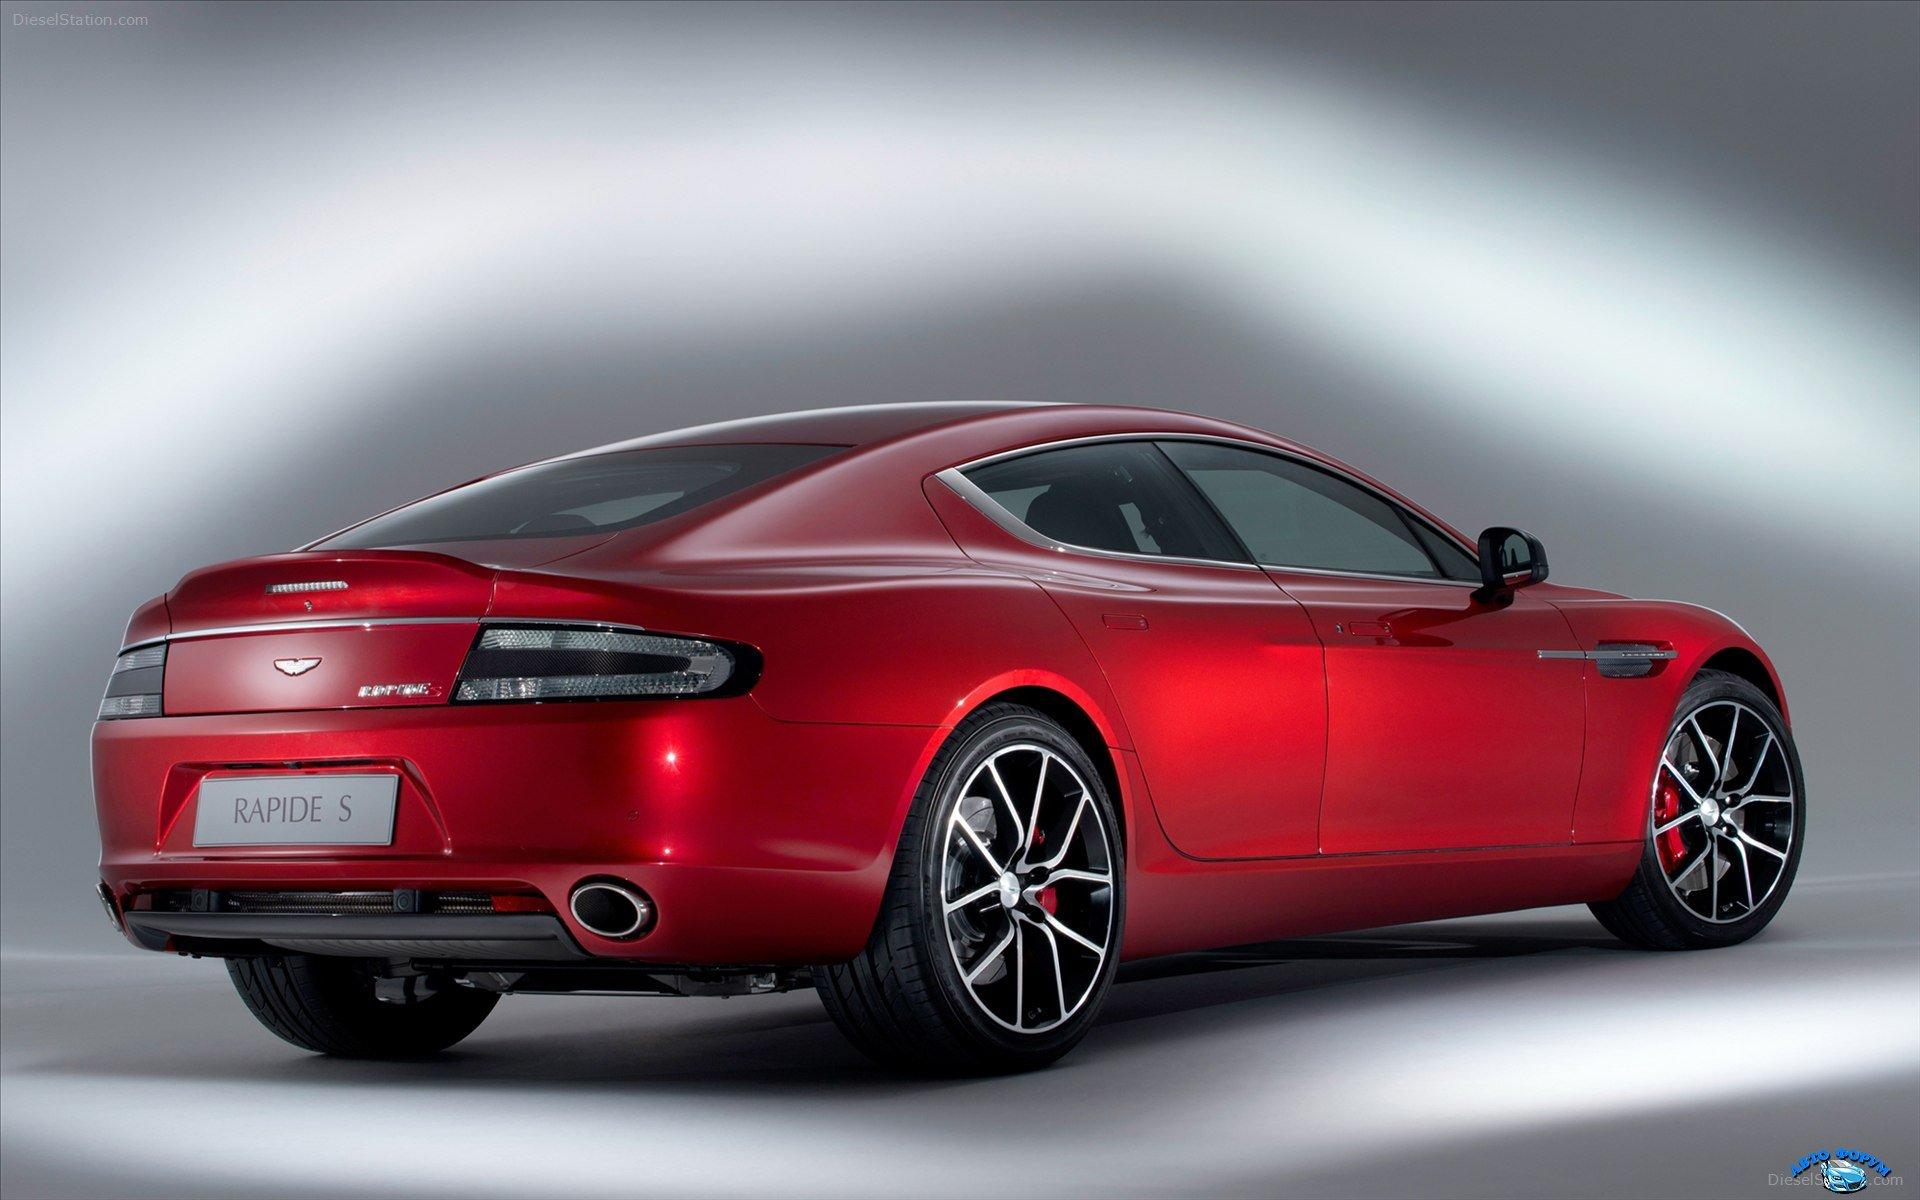 Aston-Martin-Rapide-S-2014-widescreen-07.jpg